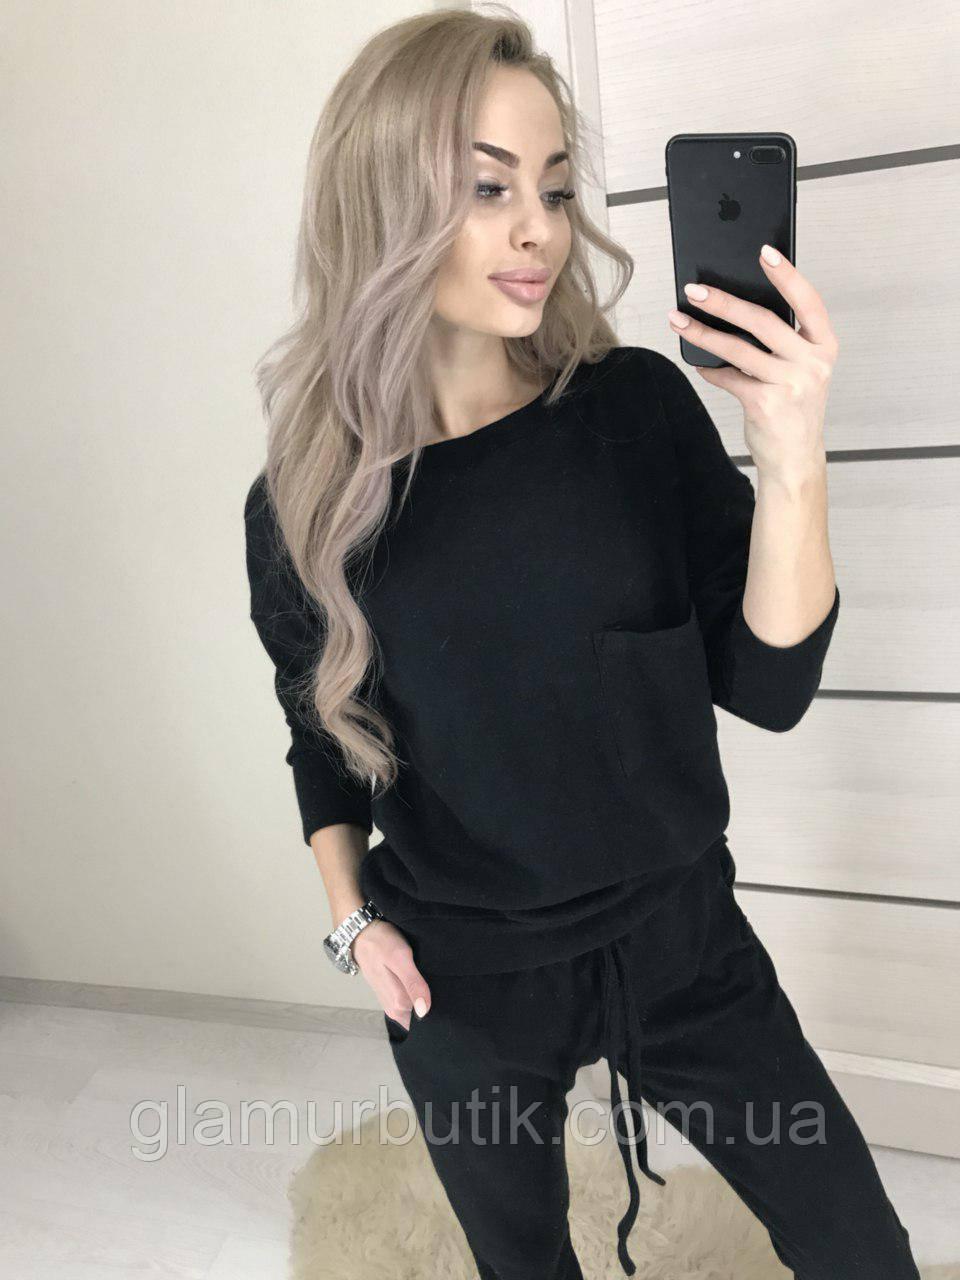 d1798e236b35d Стильный женский ангоровый костюм свитер кофта брюки штаны с карманами  чёрный - GlamurButik - женская одежда